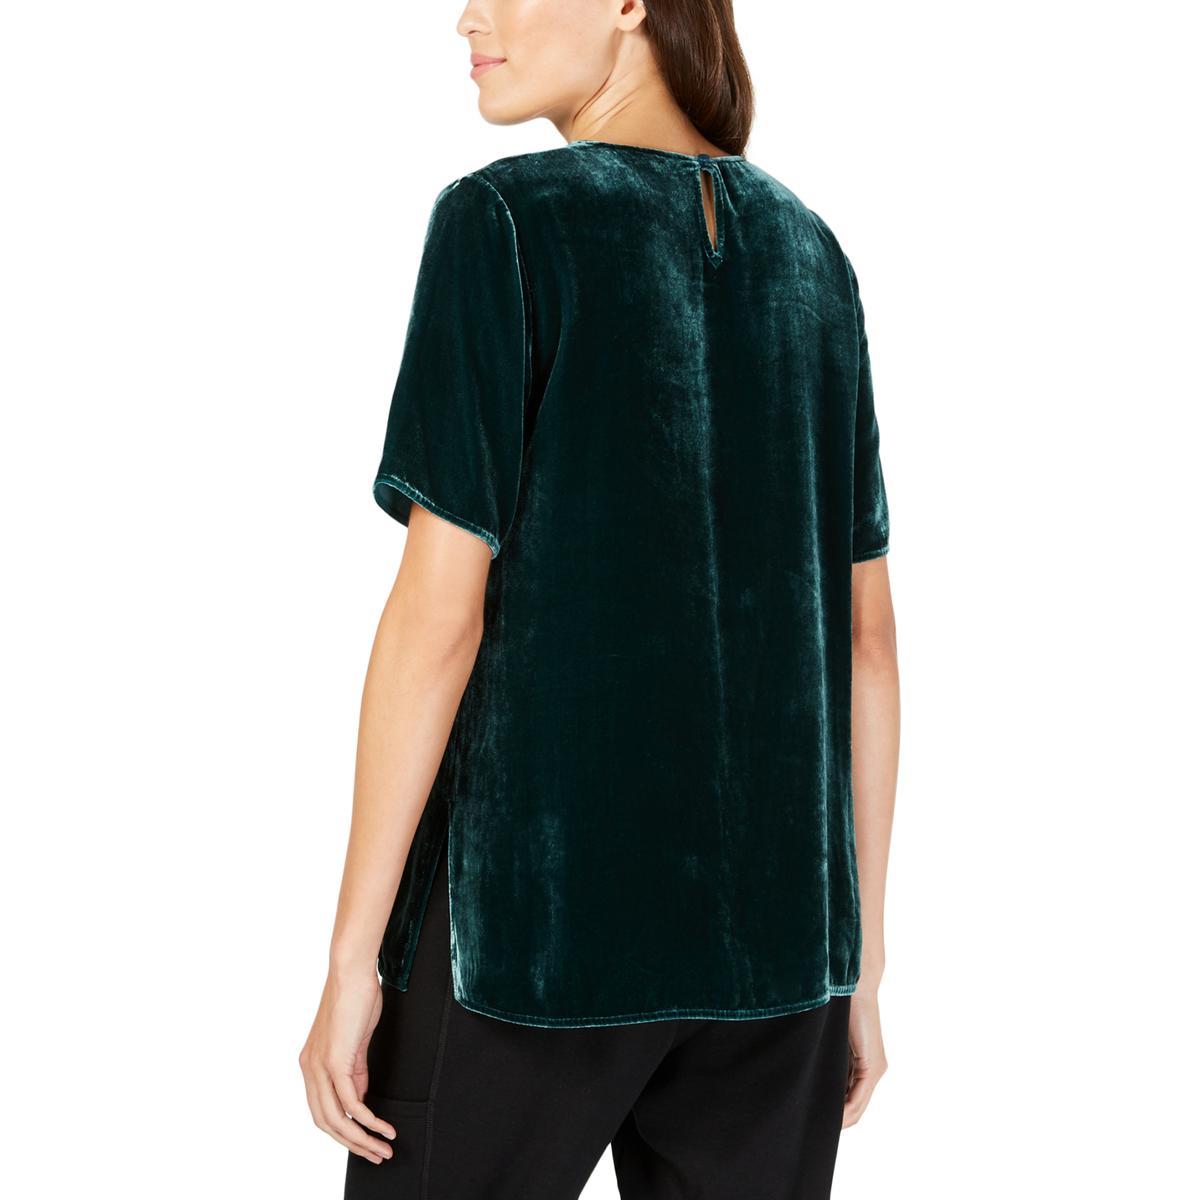 Eileen-Fisher-Womens-Velvet-Short-Sleeve-Pullover-Blouse-Top-BHFO-5939 thumbnail 8